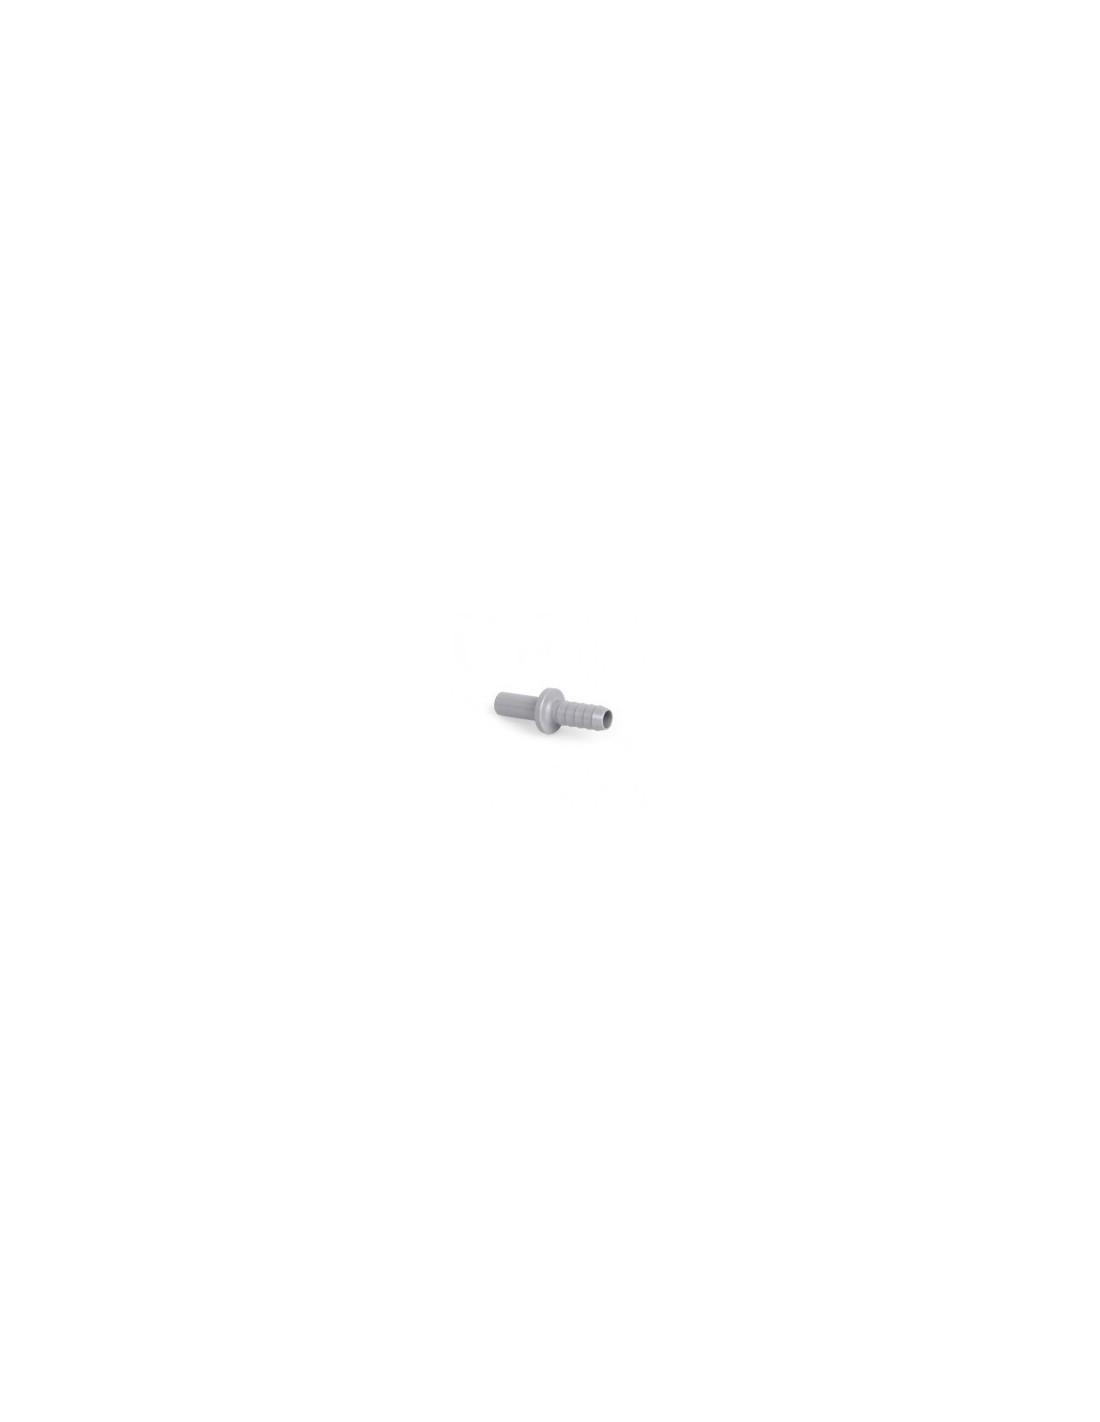 """SPO00787 - JG övergång från nippel till snabbkopplingshane 9,5 x 9,5 mm (3/8"""")"""